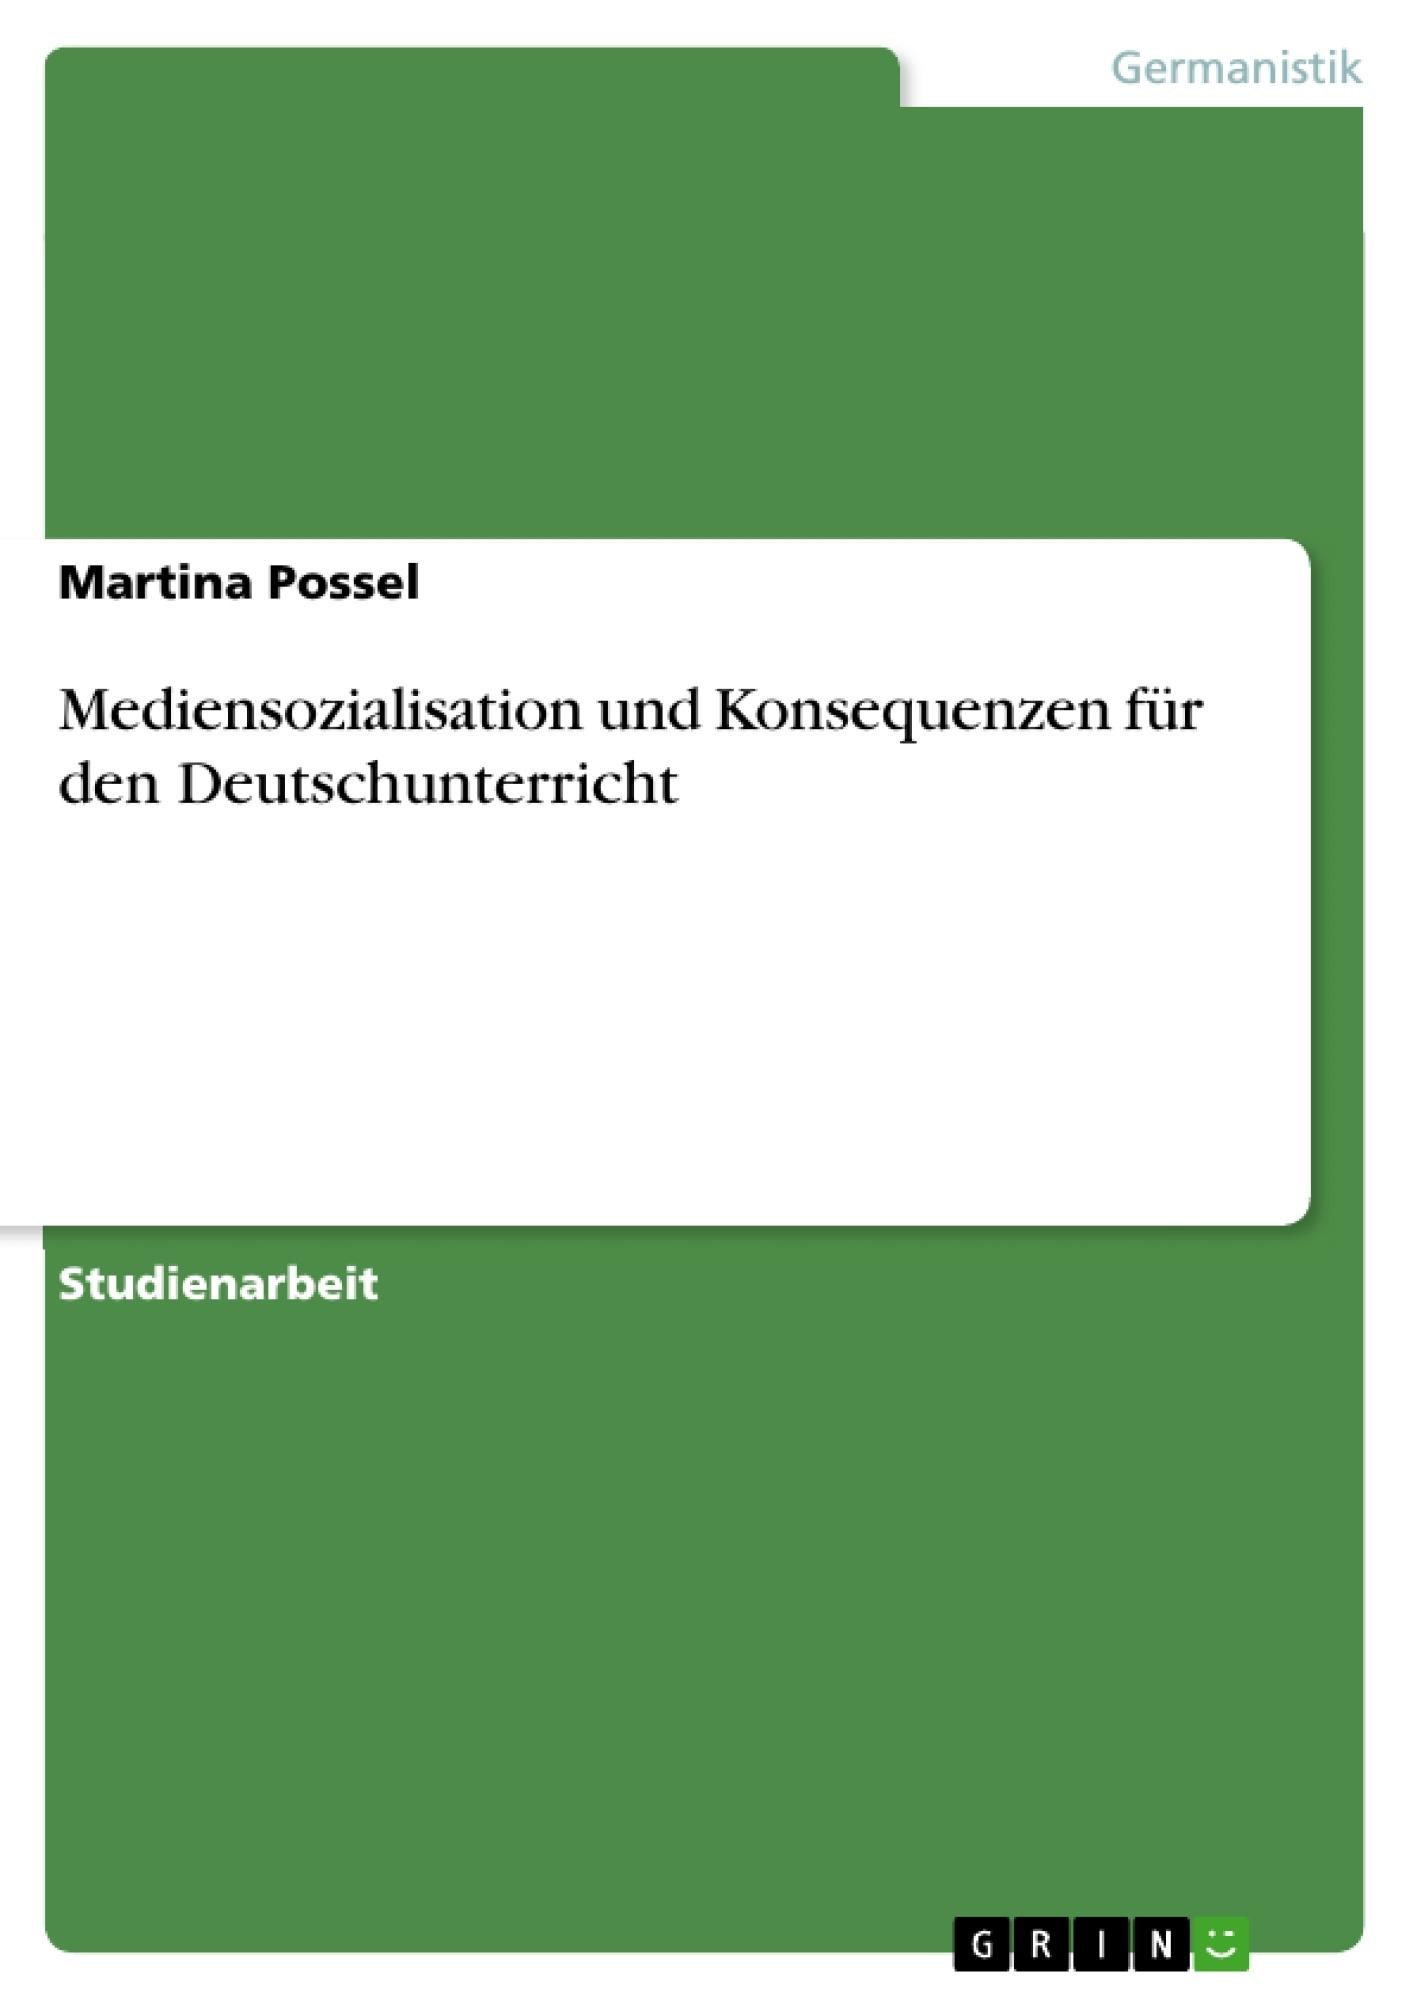 Titel: Mediensozialisation und Konsequenzen für den Deutschunterricht